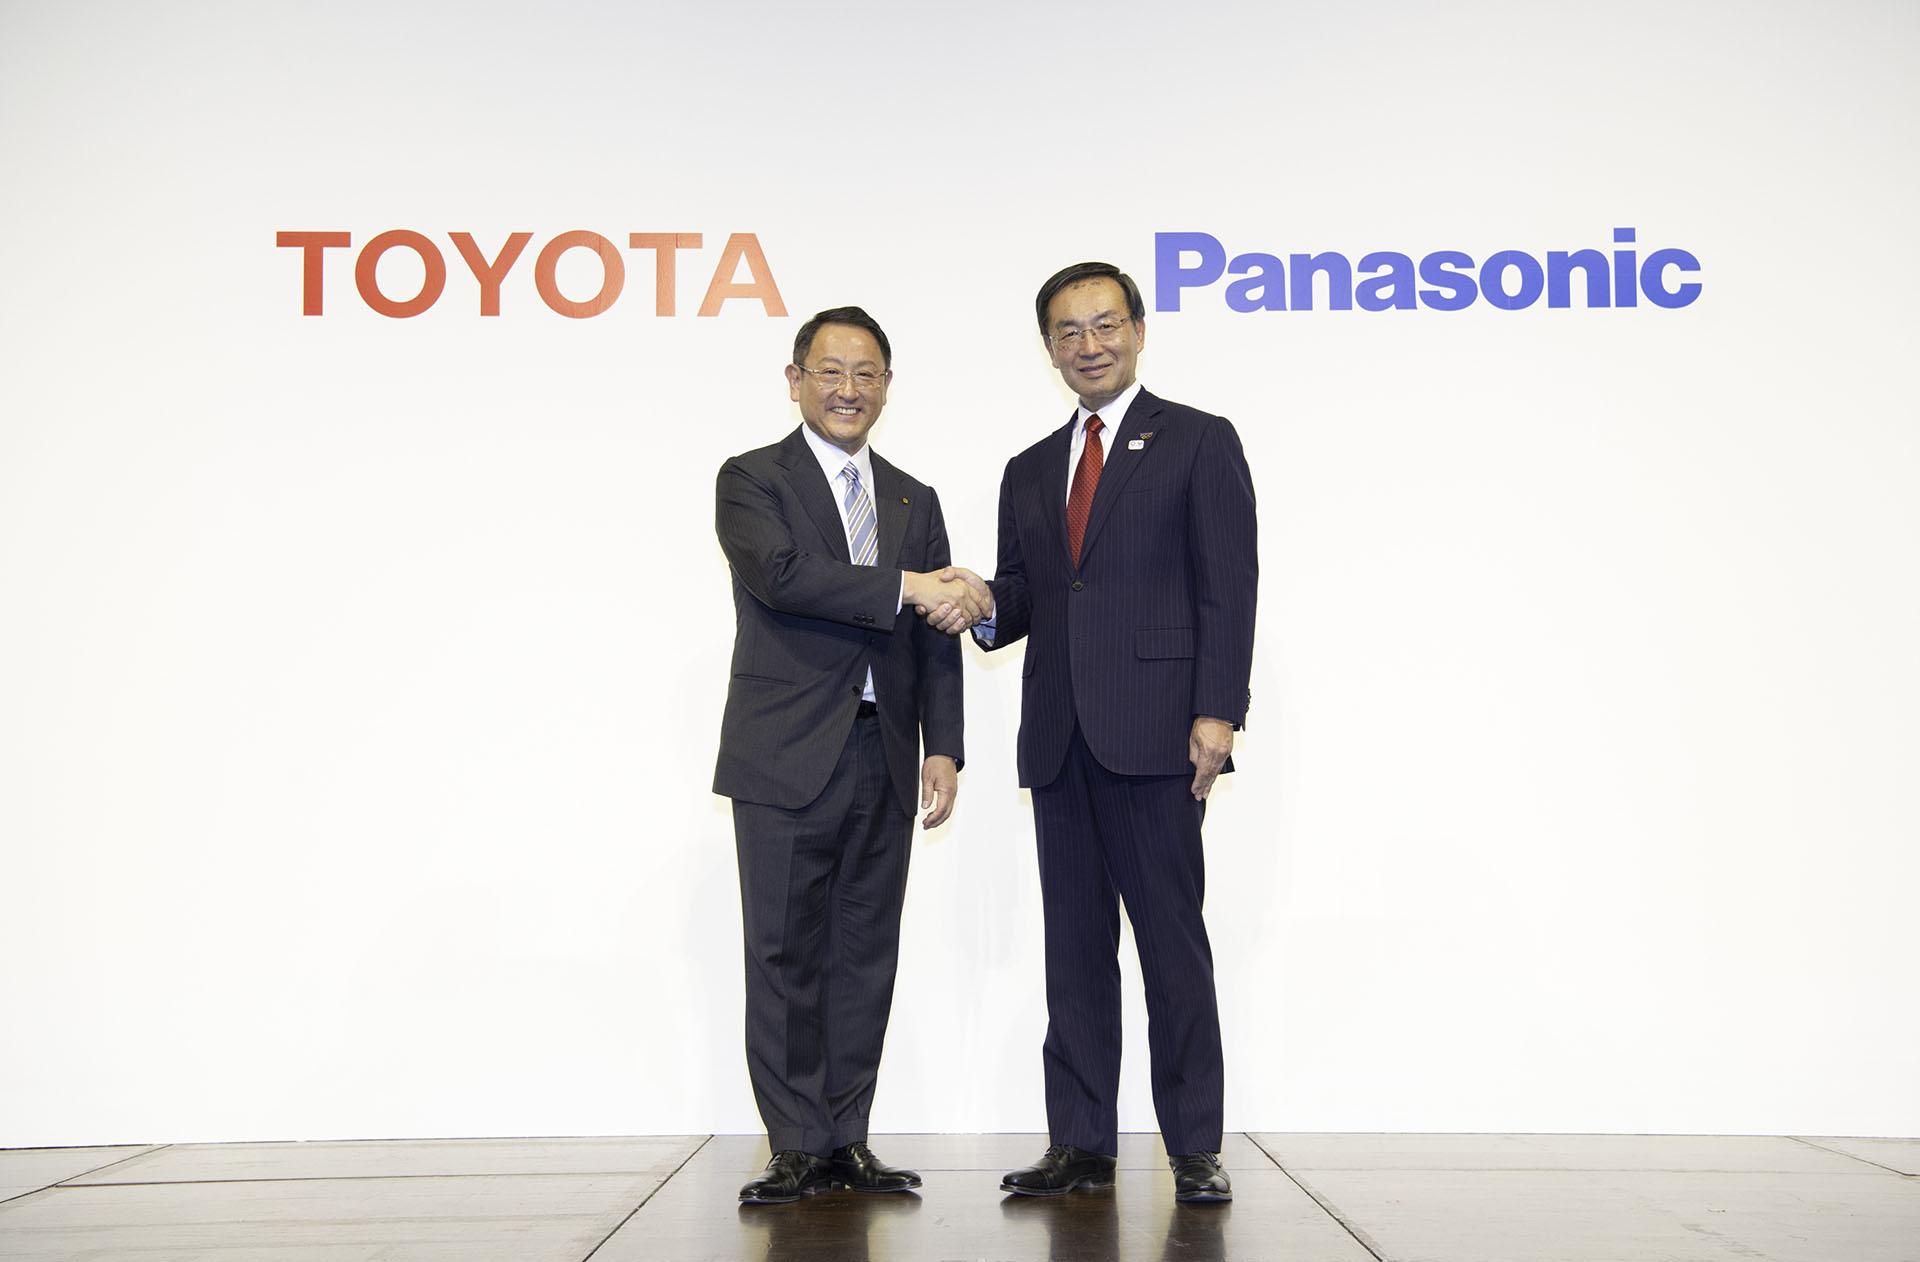 Toyota och Panasonic är två av företagen i Japans batterisatsning. Foto: Toyota